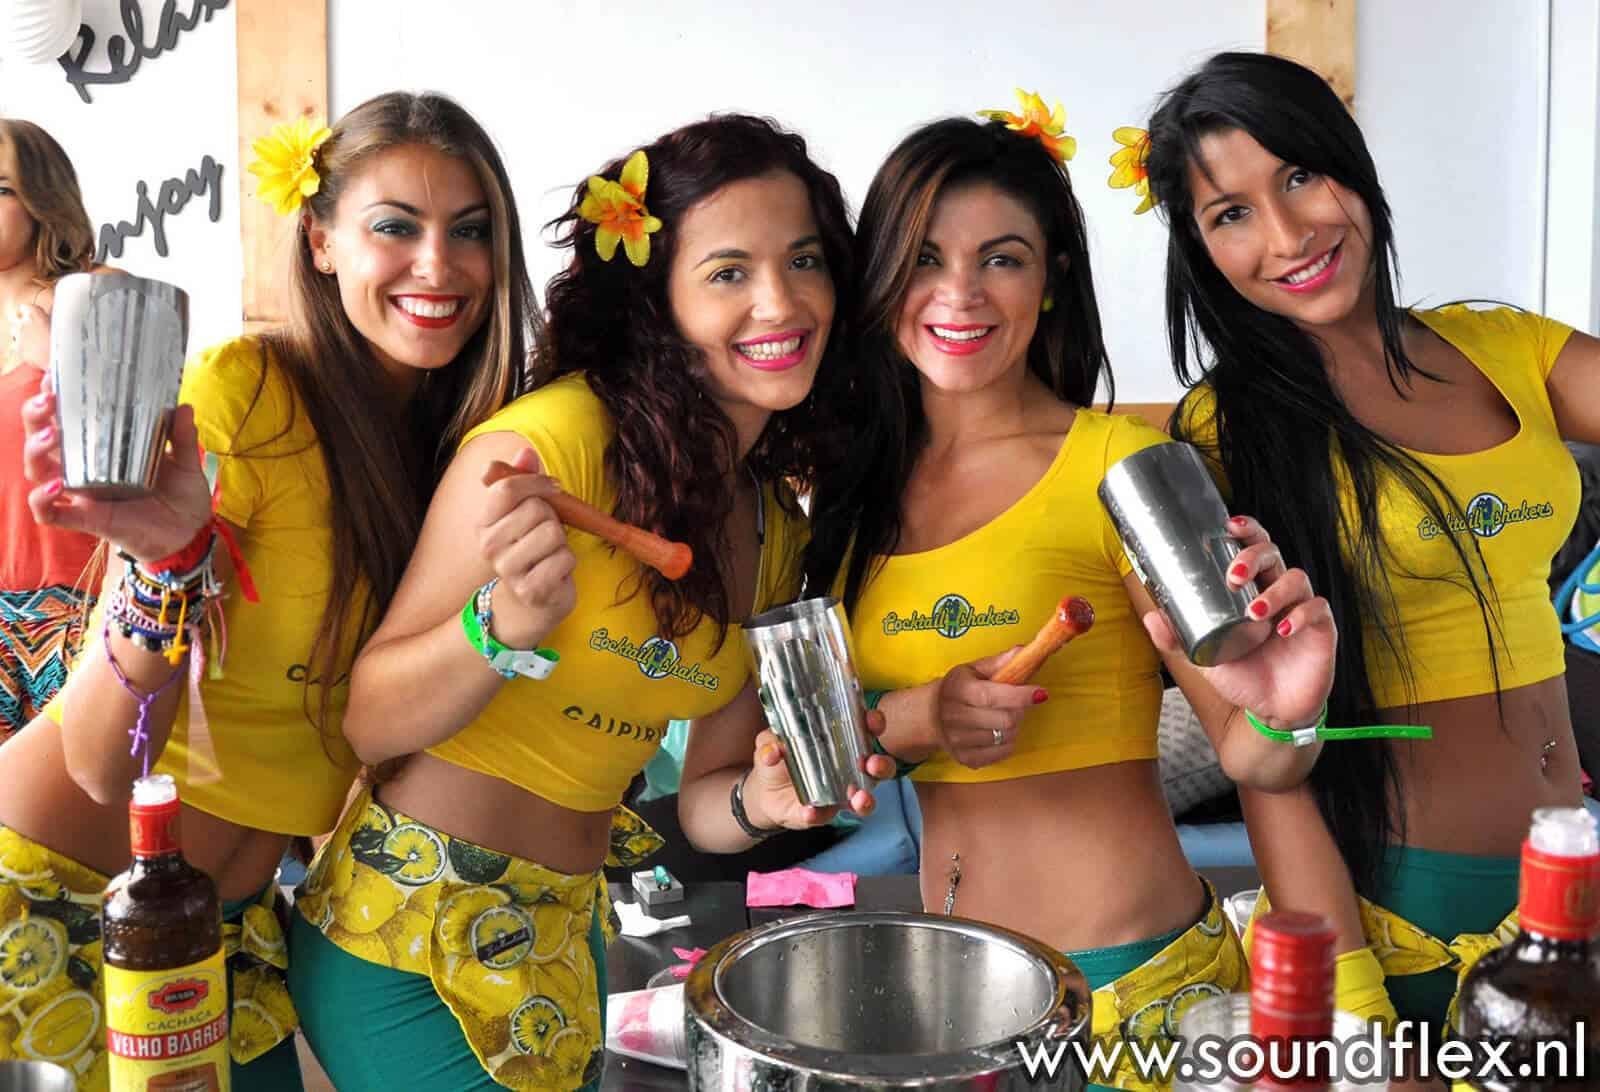 Cocktailbar met girls en show